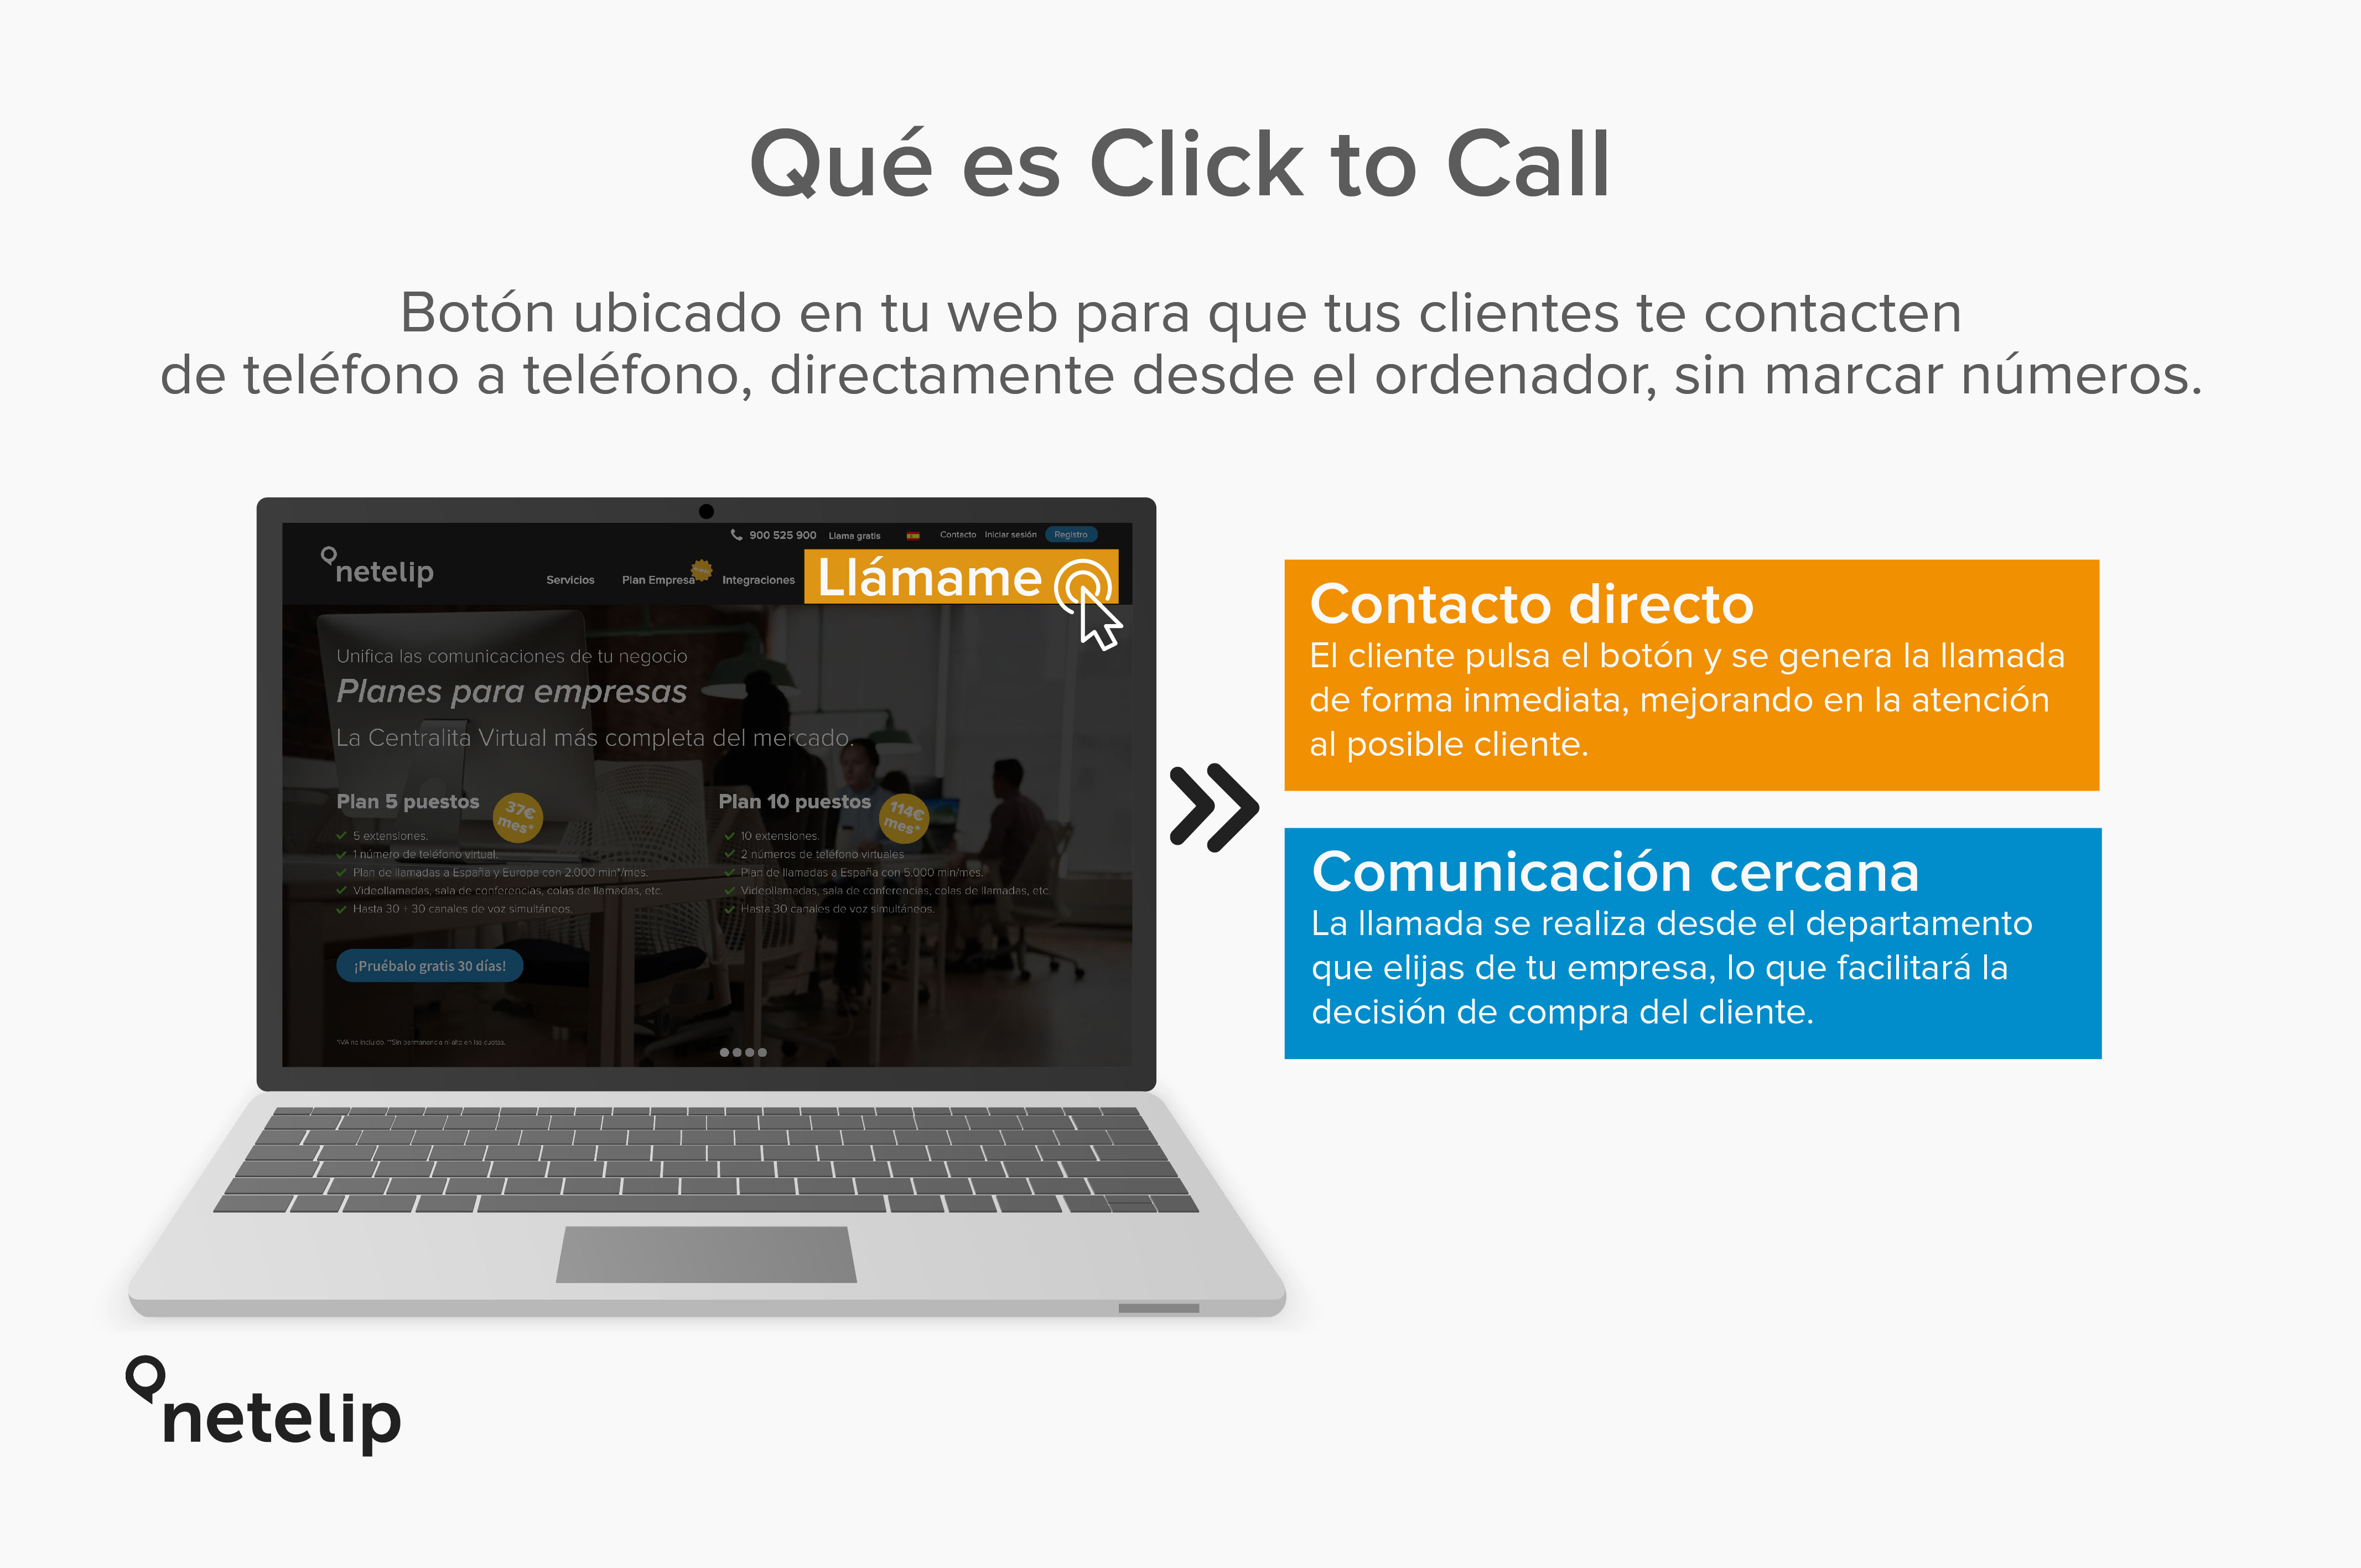 ¿Qué es el Click to Call?